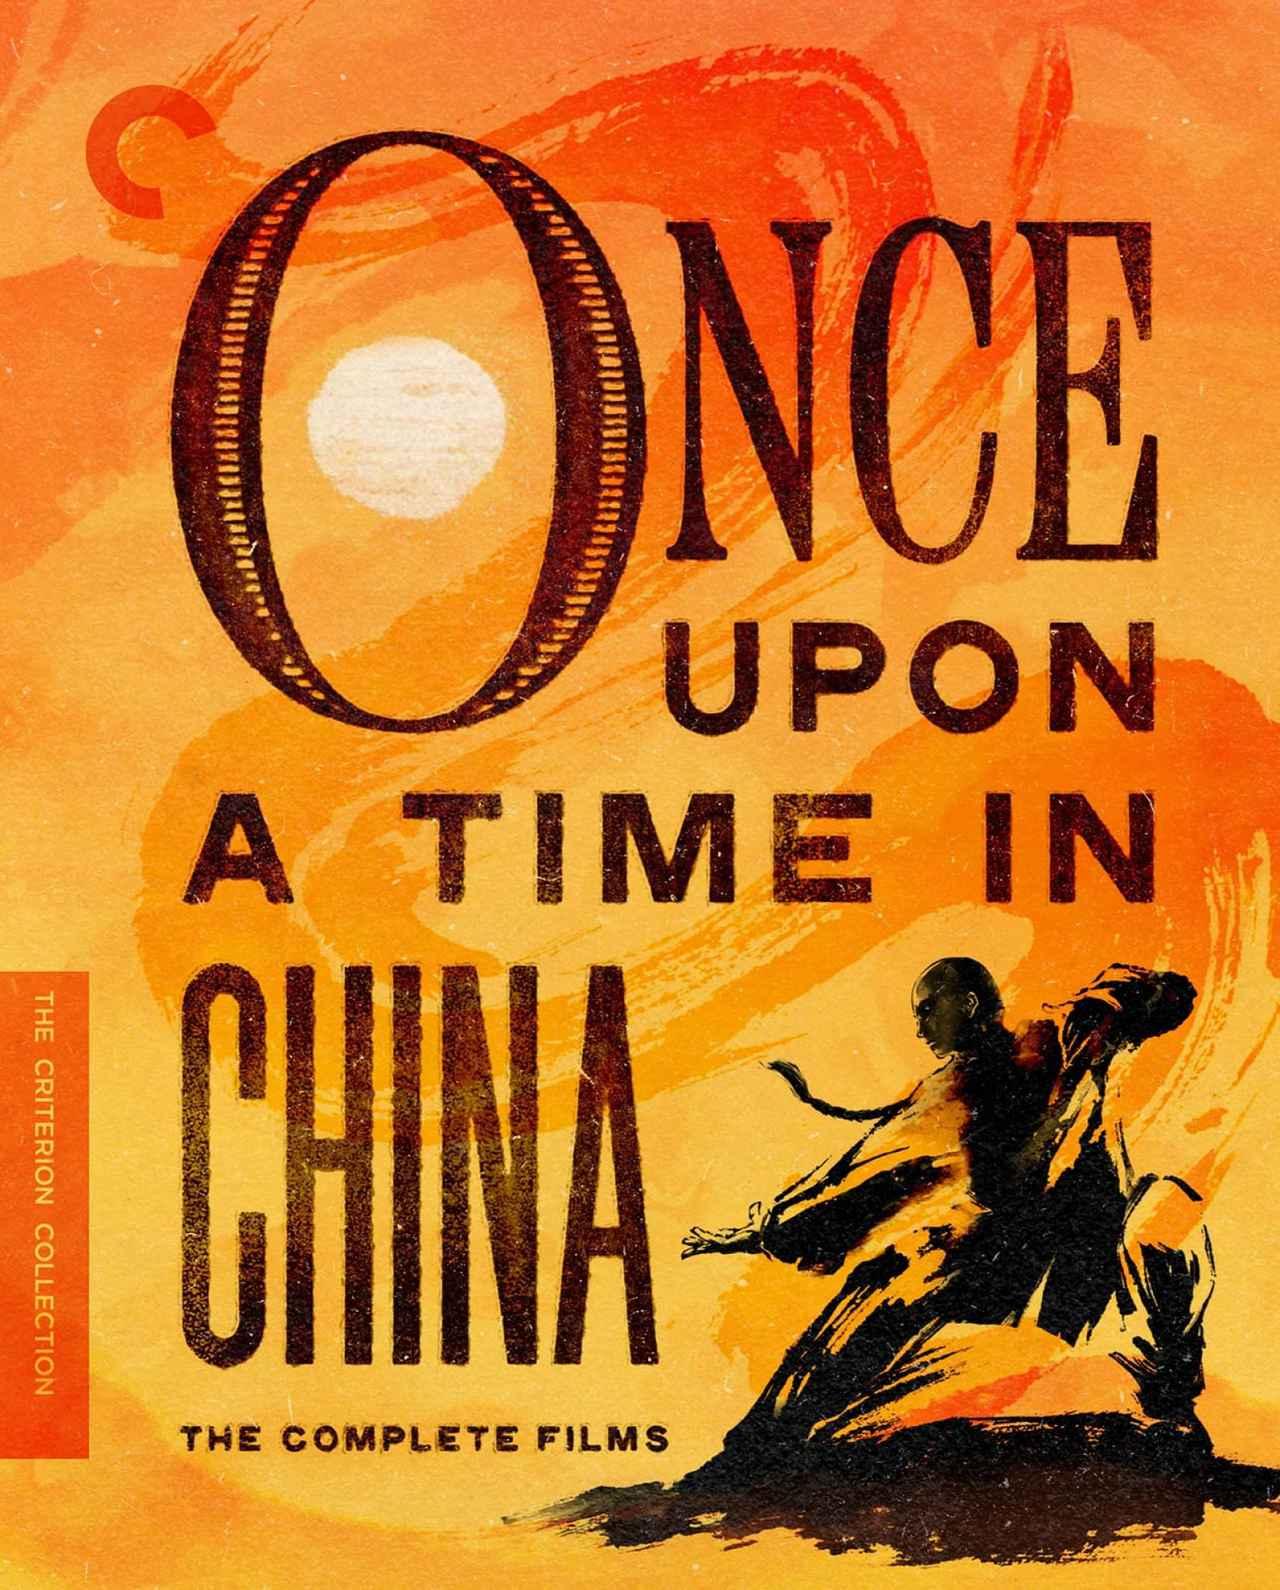 画像: ワンス・アポン・ア・タイム・イン・チャイナ・コンプリート・コレクション /ONCE UPON A TIME IN CHINA: THE COMPLETE COLLECTION 11月16日リリース 1991 - 1997年/監督ツイ・ハーク, ユエン・ブン, サモ・ハン・キンポー /出演ジェット・リー ジェット・リーが清朝末期の武術家ウォン・フェイフォンに扮した人気シリーズ6作を収めたコレクターズ版。 ******************************************************************************************************************************** Hong Kong   Color   2.39:1   Cantonese   SRP: $124.95 4K RESTORATIONS of Once Upon a Time in China and Once Upon a Time in China II and III, and new 2K RESTORATIONS of Once Upon a Time in China IV and V, all presented with their original Cantonese theatrical-release sound mixes in uncompressed monaural or stereo / Alternate stereo Cantonese soundtracks for Once Upon a Time in China and Once Upon a Time in China II, featuring the original theatrical sound effects, and monaural Cantonese soundtrack for Once Upon a Time in China III / Once Upon a Time in China and America (1997) in a 2K digital transfer, featuring 5.1 surround DTS-HD Master Audio and monaural Cantonese soundtracks, along with a stereo Mandarin track with the voice of actor Jet Li